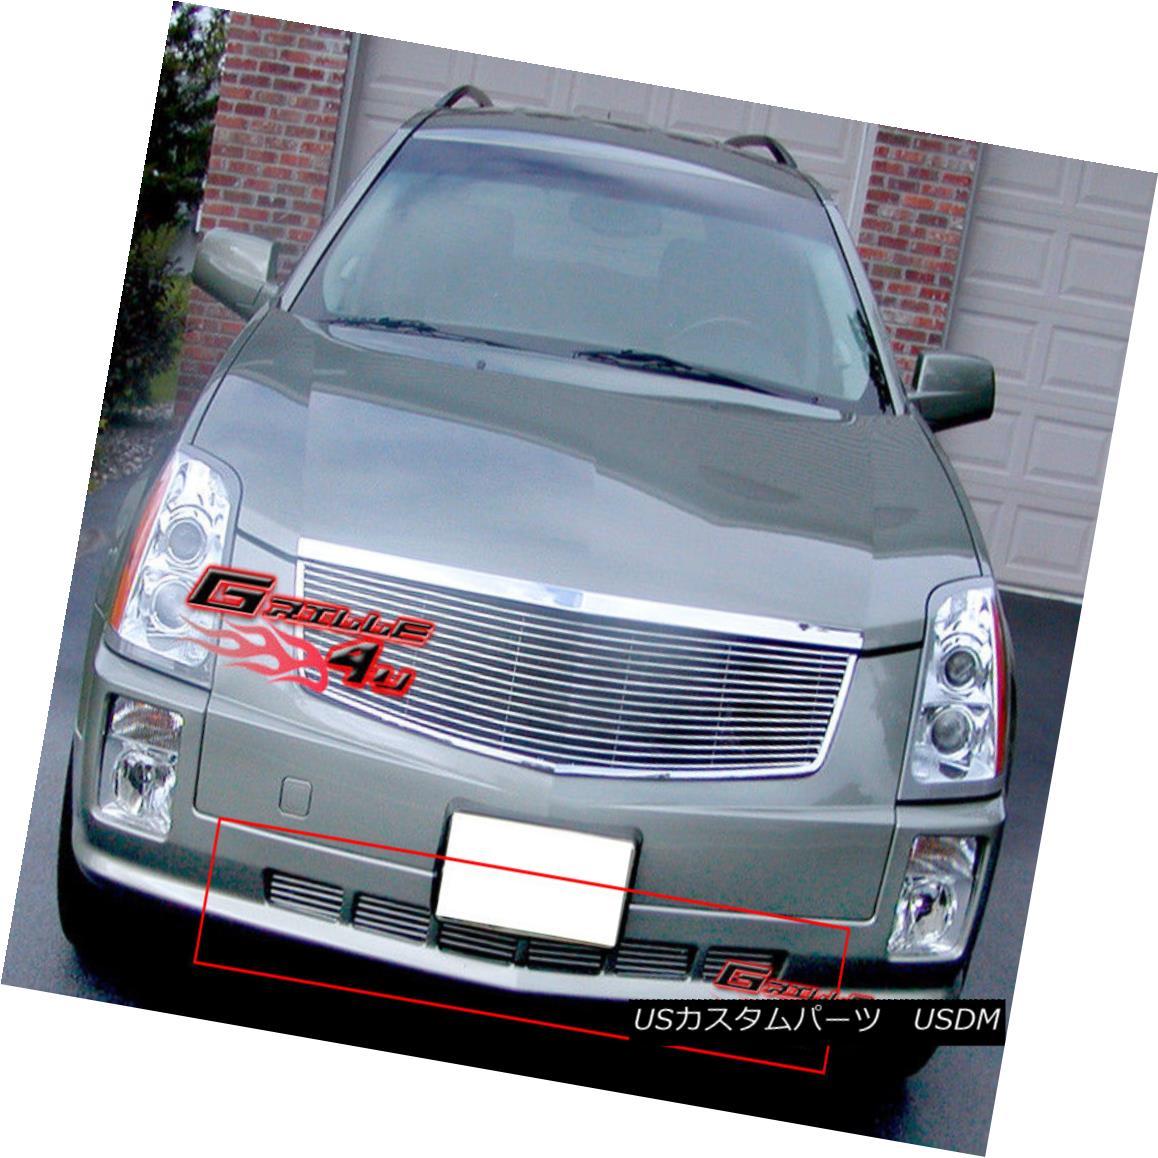 グリル Fits 2005-2009 Cadillac SRX Lower Bumper Billet Grille Insert 適合2005-2009キャデラックSRXロワーバンパービレットグリルインサート